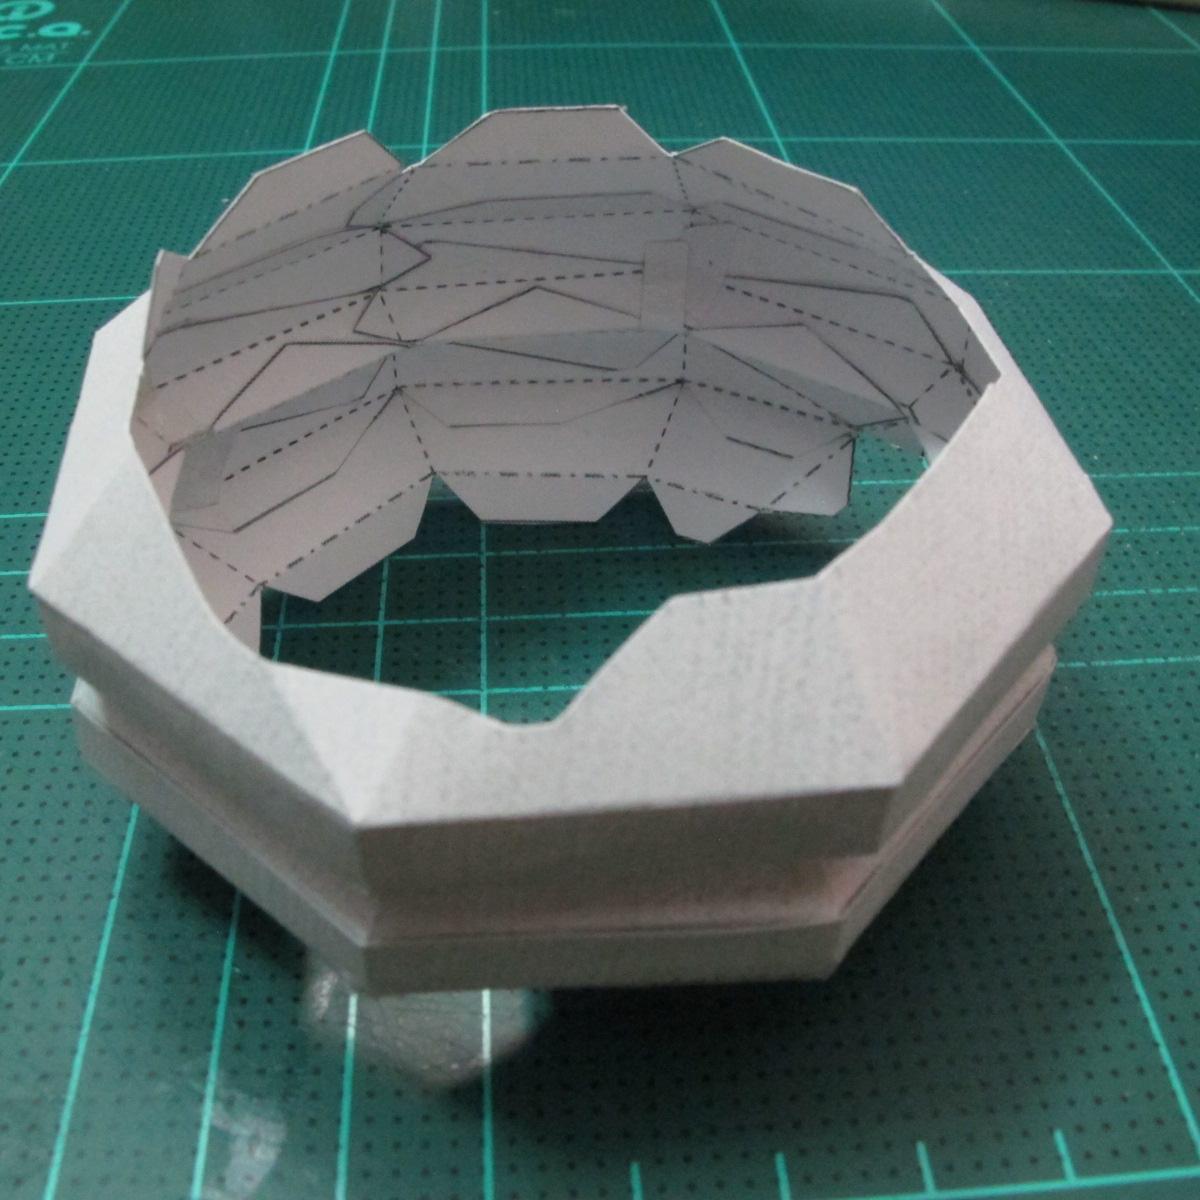 วิธีทำโมเดลกระดาษของเล่นคุกกี้รัน คุกกี้รสพ่อมด (Cookie Run Wizard Cookie Papercraft Model) 013